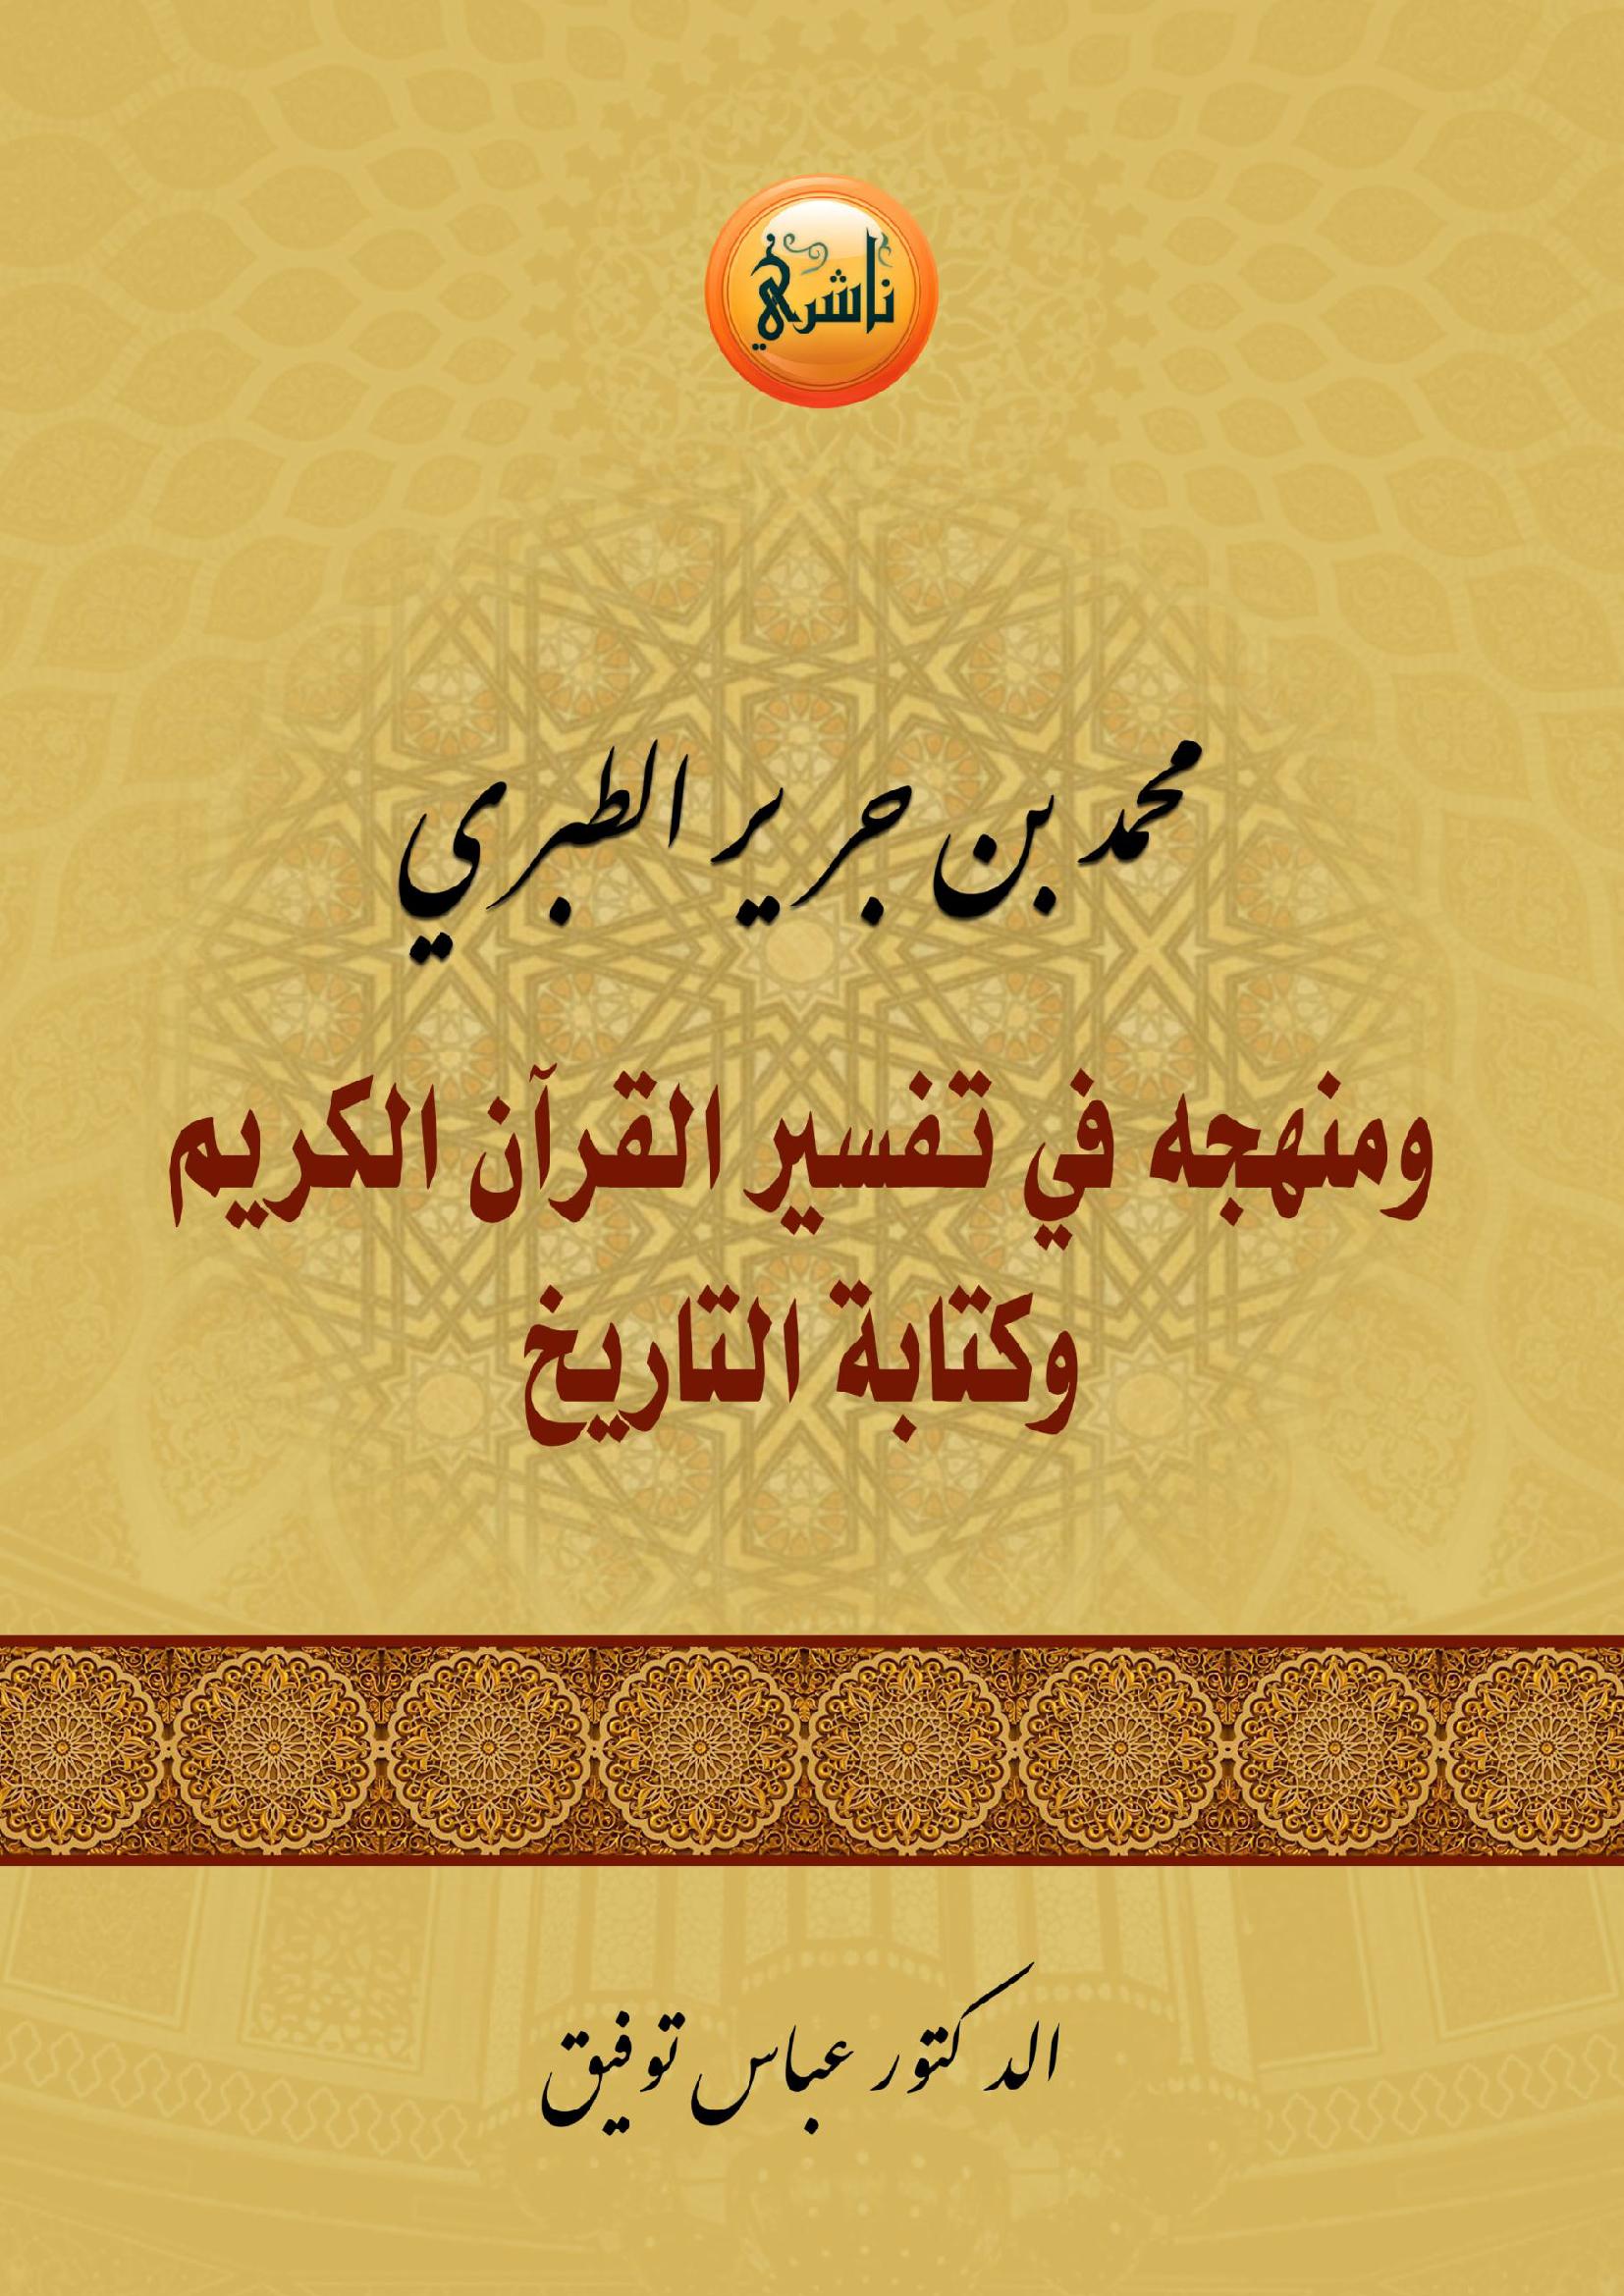 تحميل كتاب محمد بن جرير الطبري ومنهجه في تفسير القرآن الكريم وكتابة التاريخ لـِ: الدكتور عباس توفيق